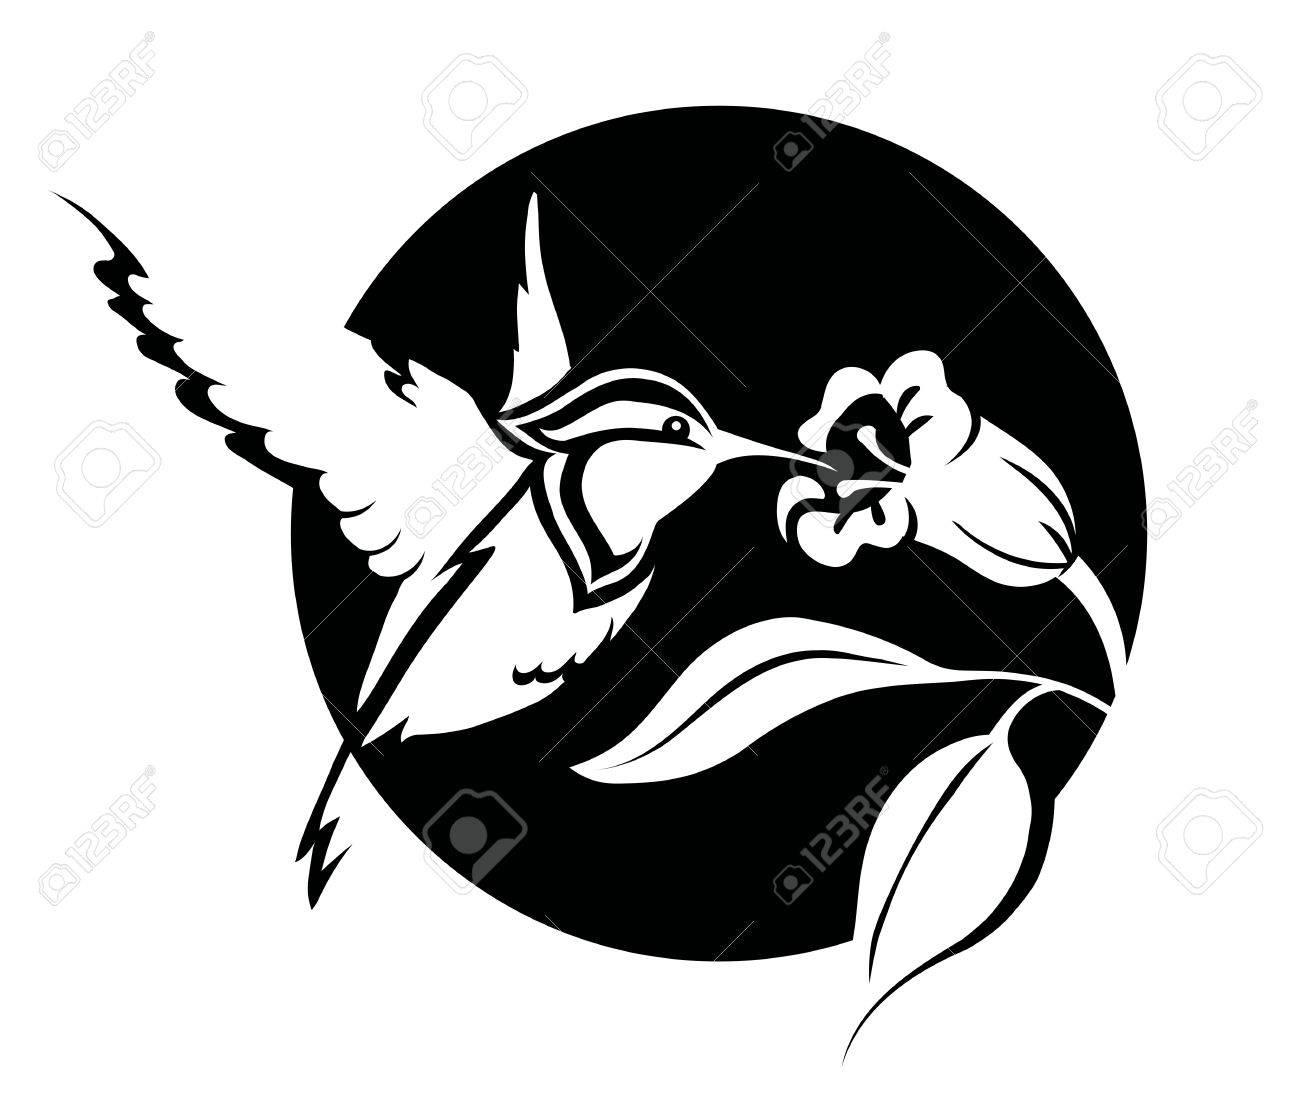 Ilustración En Blanco Y Negro De Un Colibrí Con Una Flor